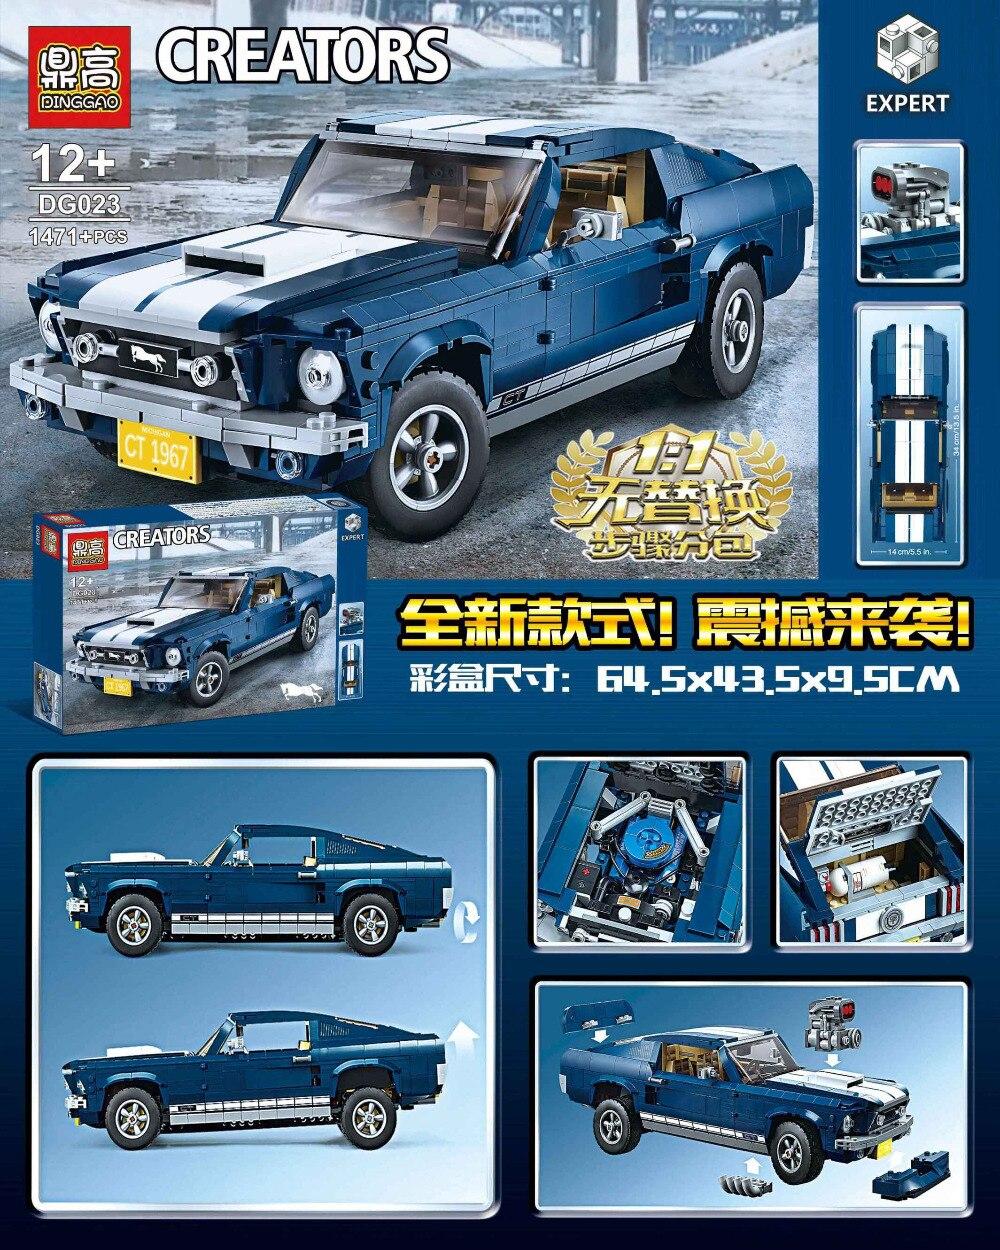 1471 pièces Blocs De Construction Briques Compatibles Creator Expert Ford Mustang 10265 Chiffres Modèle De Collection Pour Enfants Jouets DG023